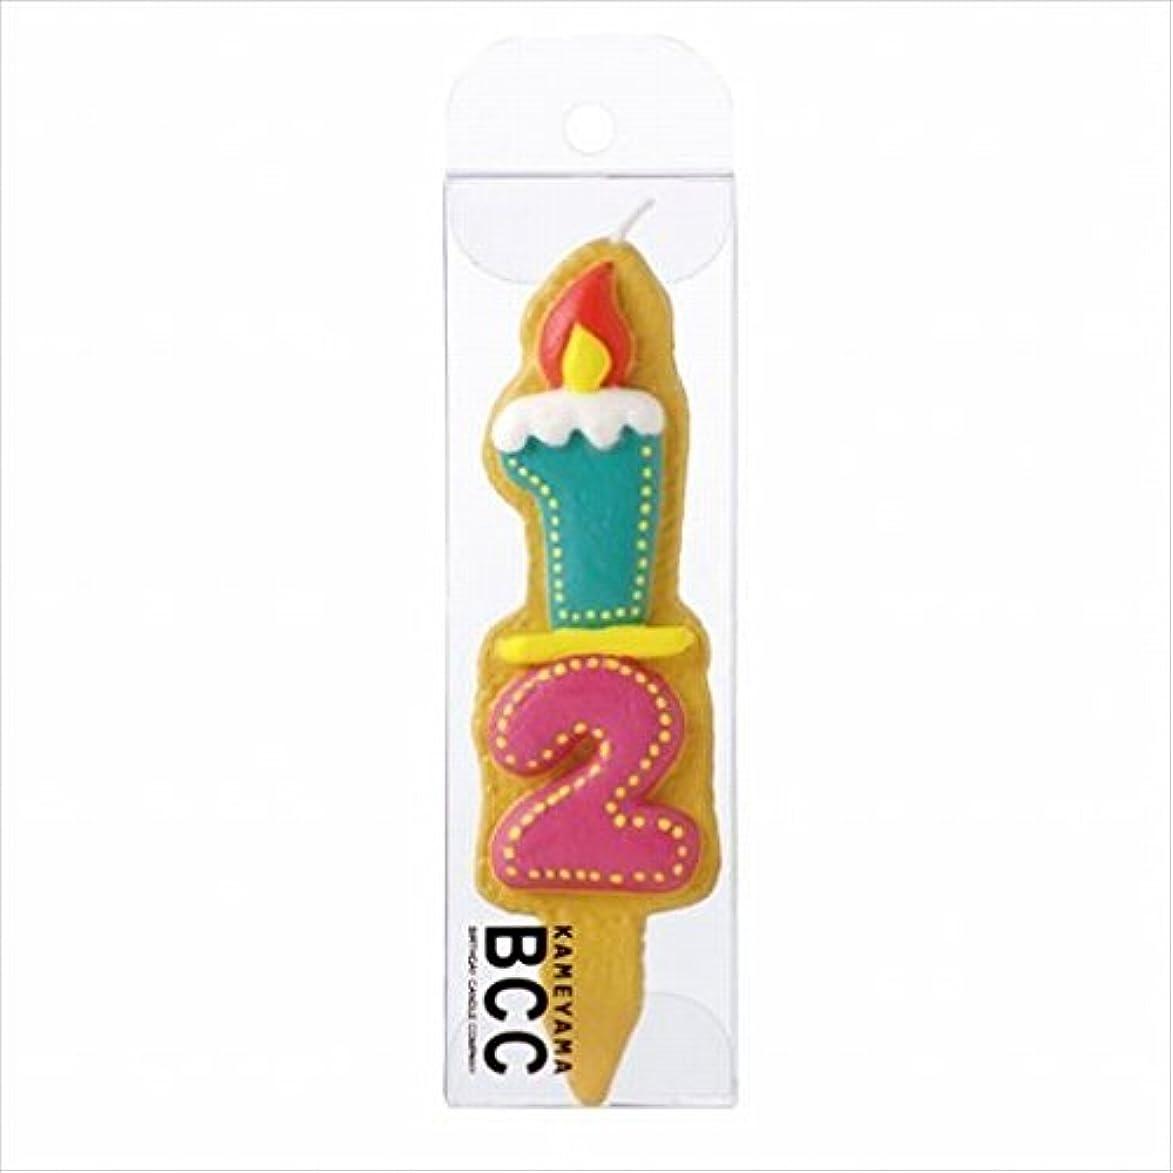 いっぱい推測する飾り羽ヤンキーキャンドル(YANKEE CANDLE) クッキーナンバーキャンドル ハーフ